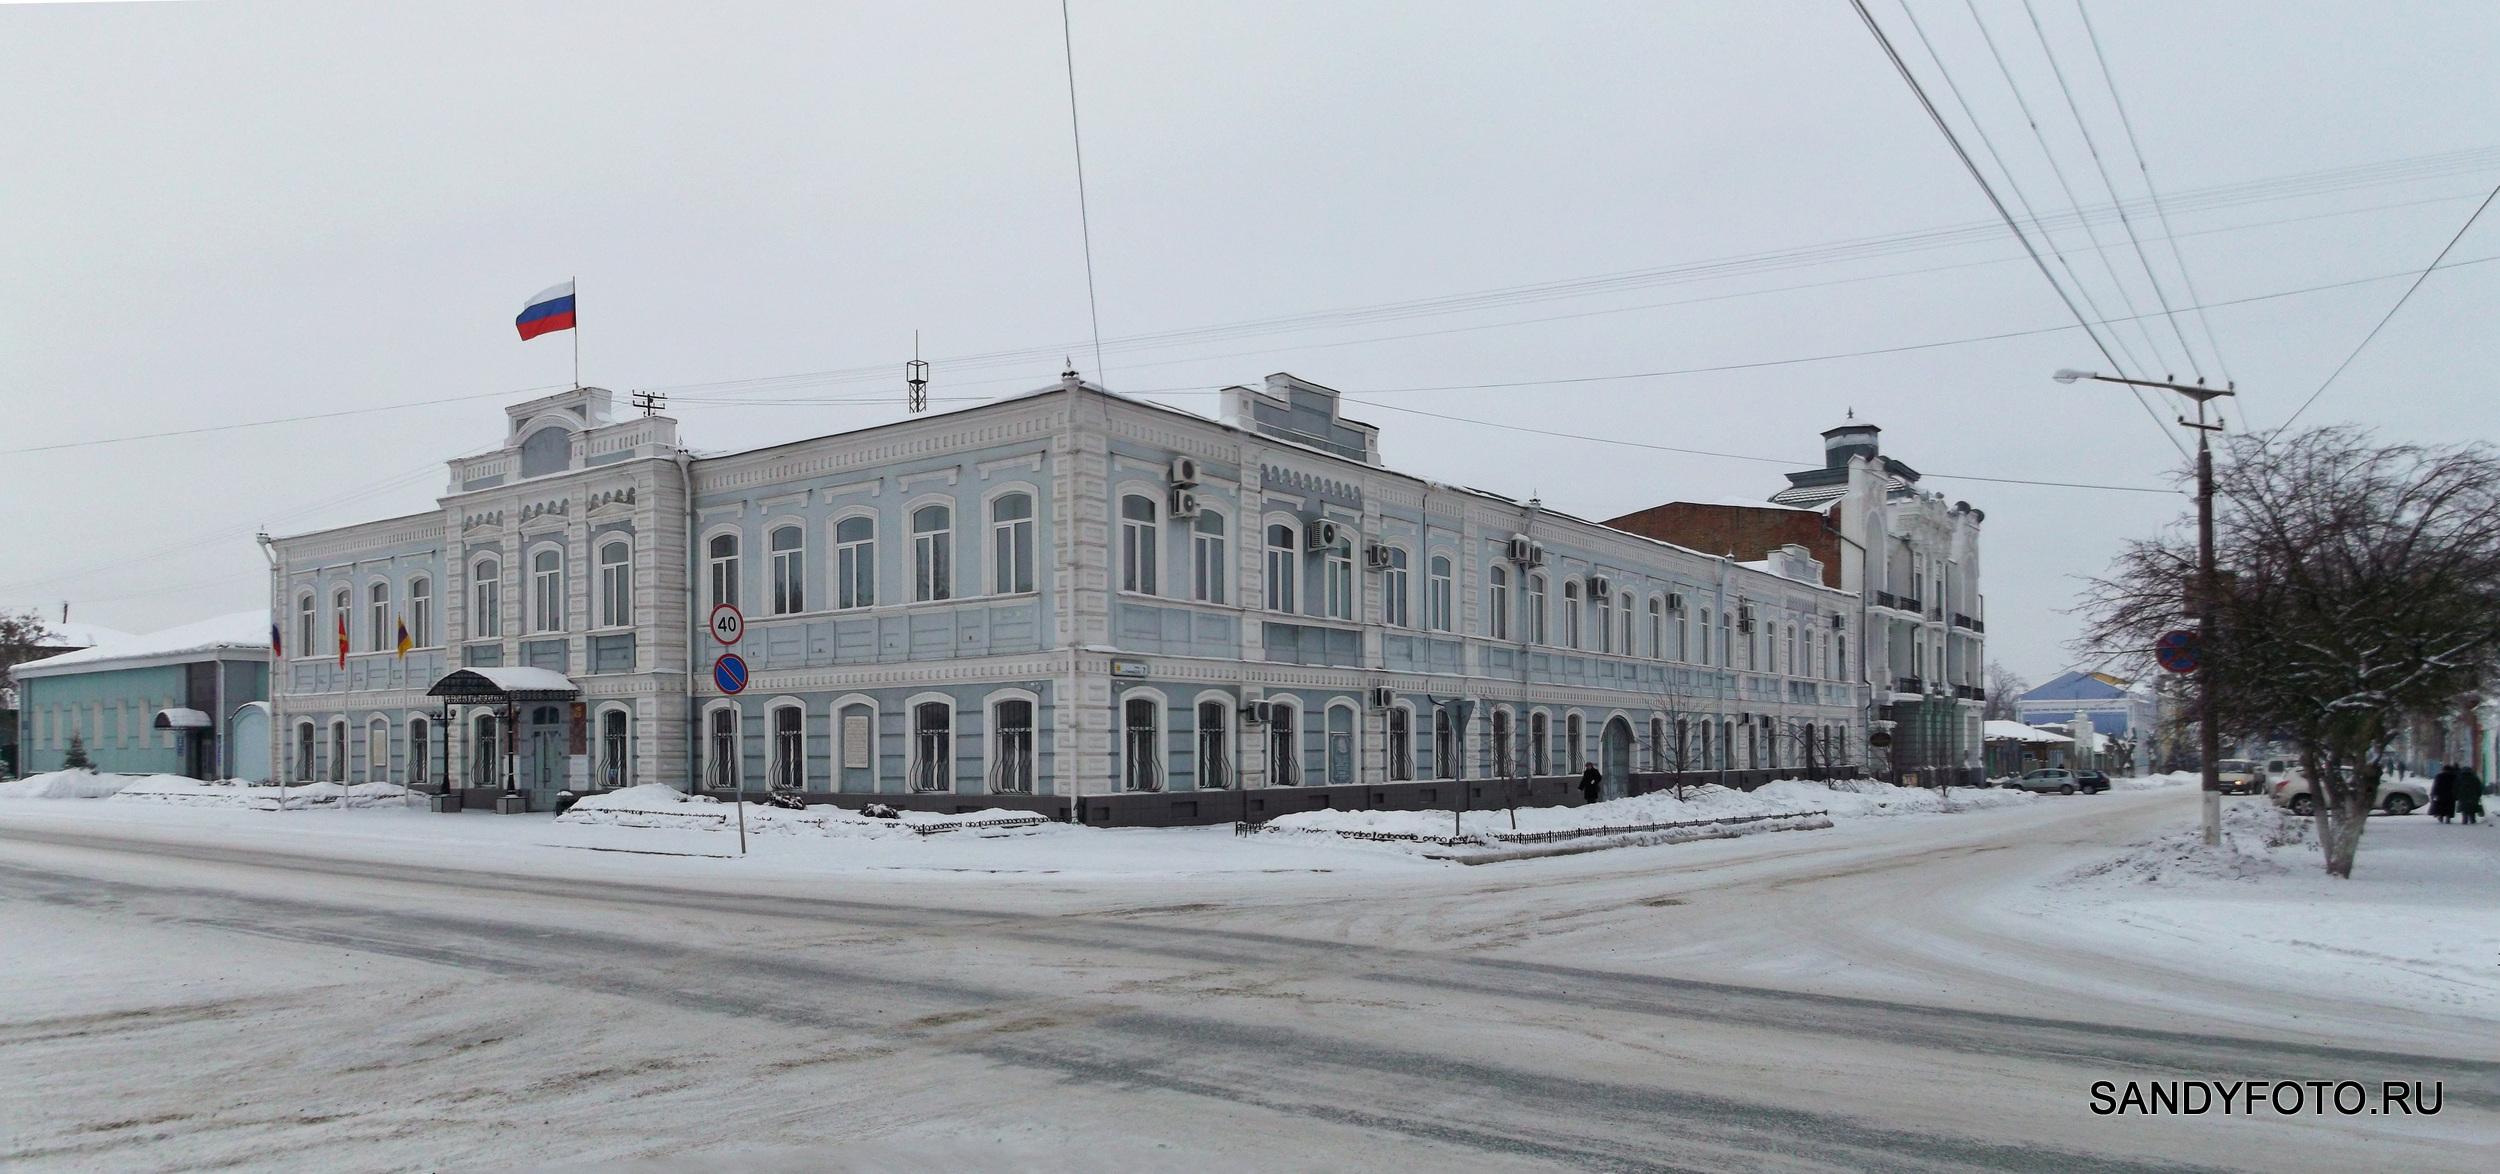 Подготовка к трансляции Олимпийских Игр в Сочи на центральной площади Троицка